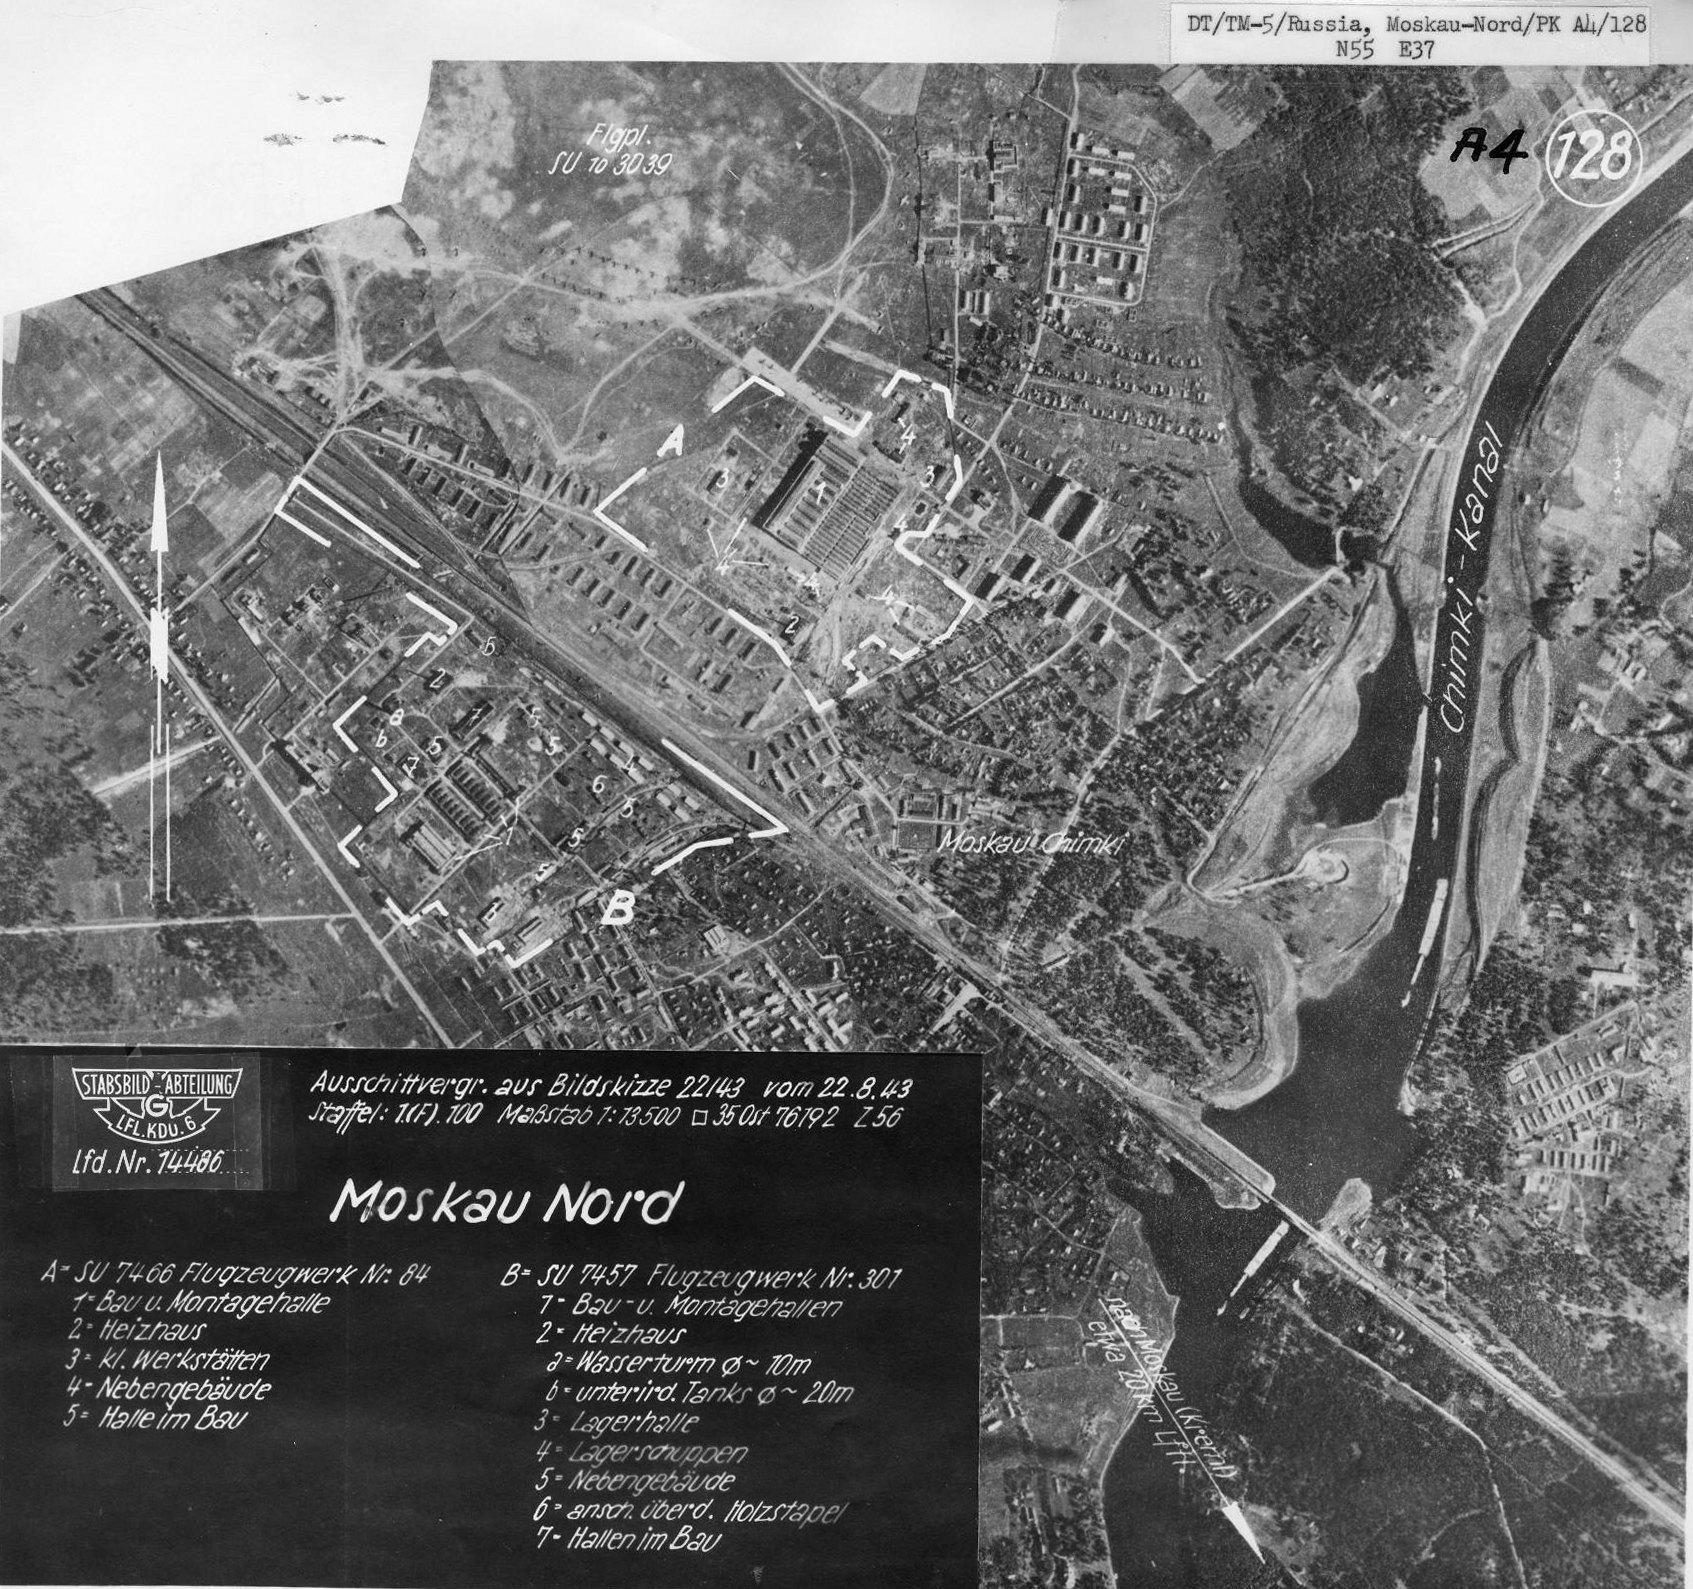 Фото 2. Немецкая аэрофотосъёмка территории авиазаводов №84 и №301 в г. Химки от 22 августа 1943 г.